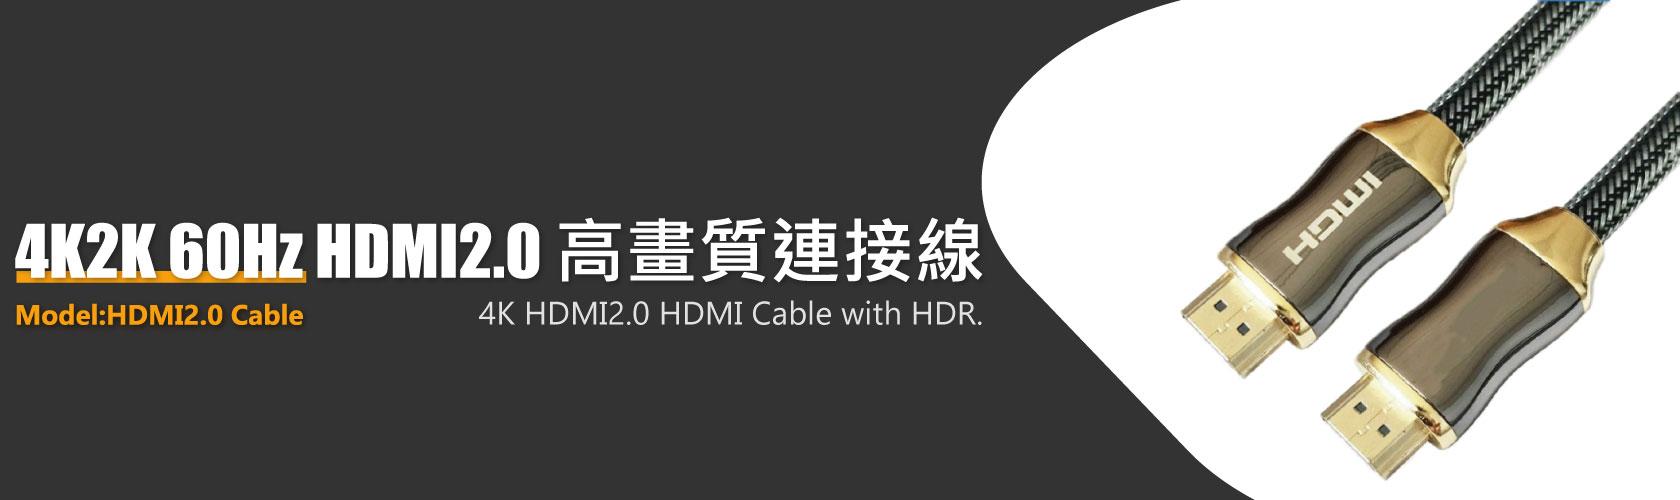 1.5米/ 3米/ 5米/ 10米/ 15米/ 20米/ 25米/ 30米/ 40米/ 50米 HDMI2.0 4K60HZ高級線材 | 台灣PANIO國瑭